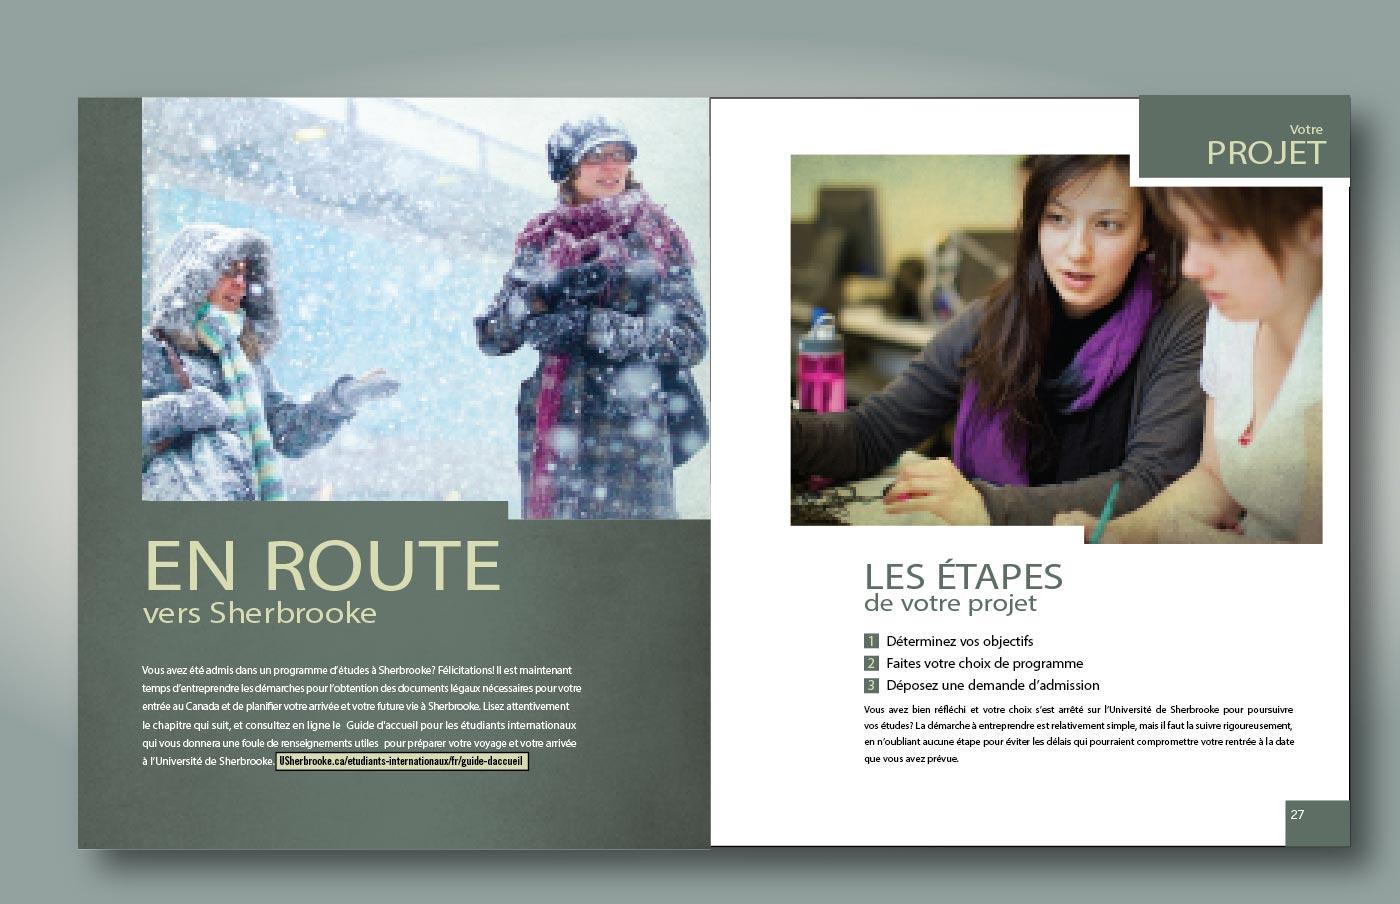 Guide des étudiants internationaux